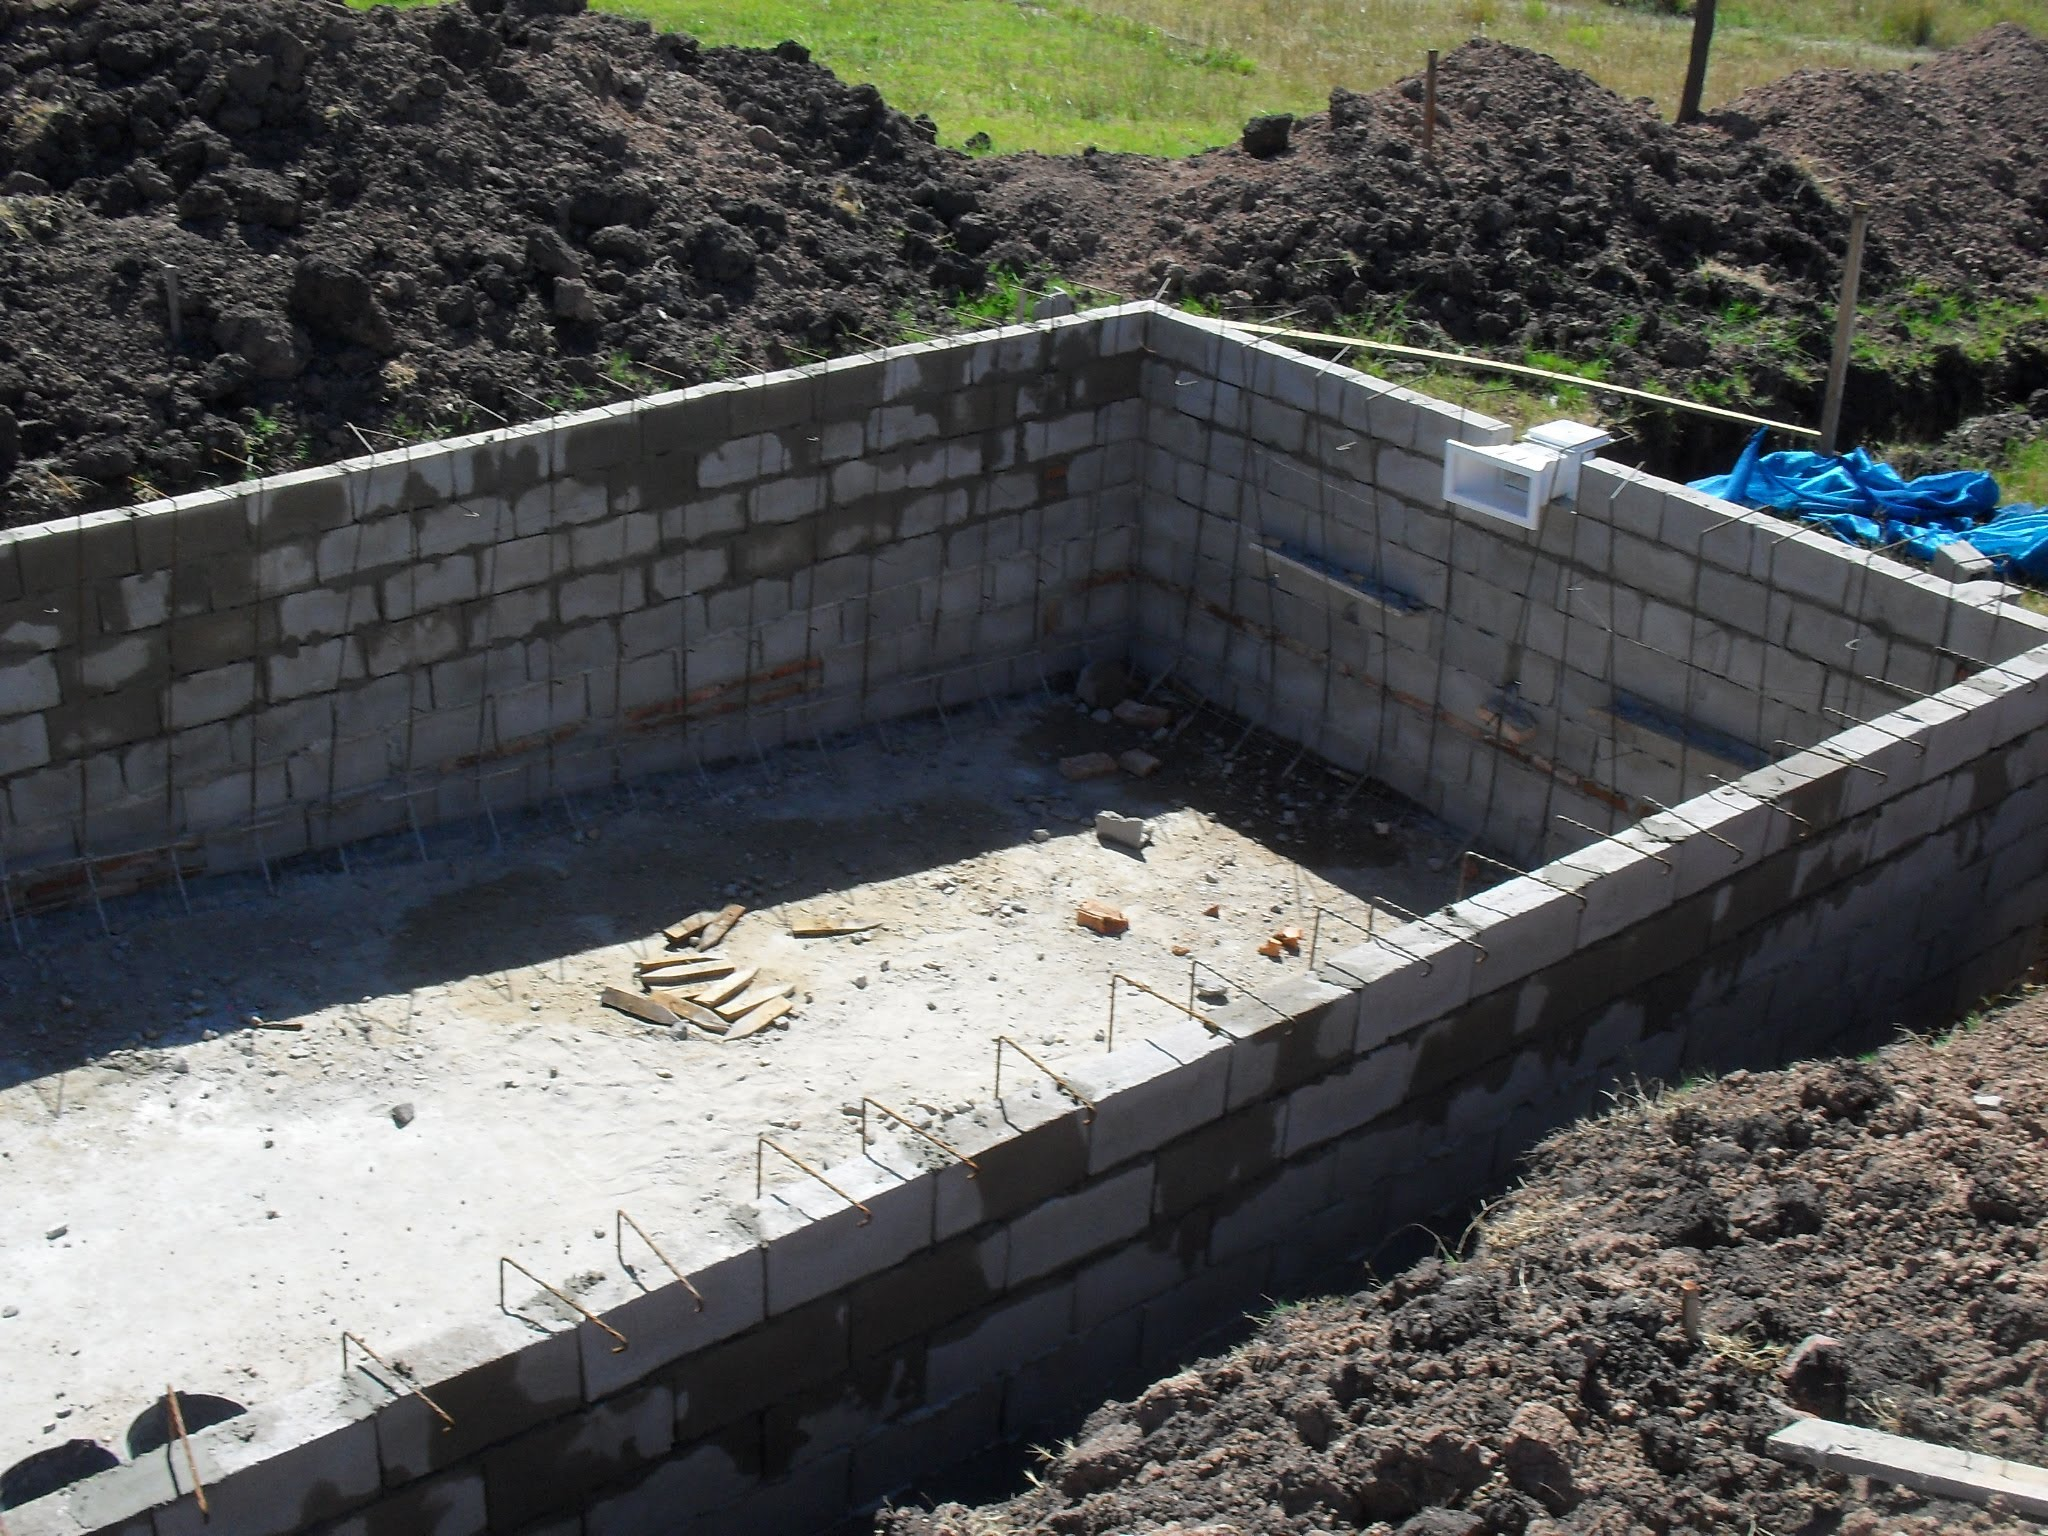 Como hacer una piscina de cemento paso a paso sencillo for Ladrillos para piletas